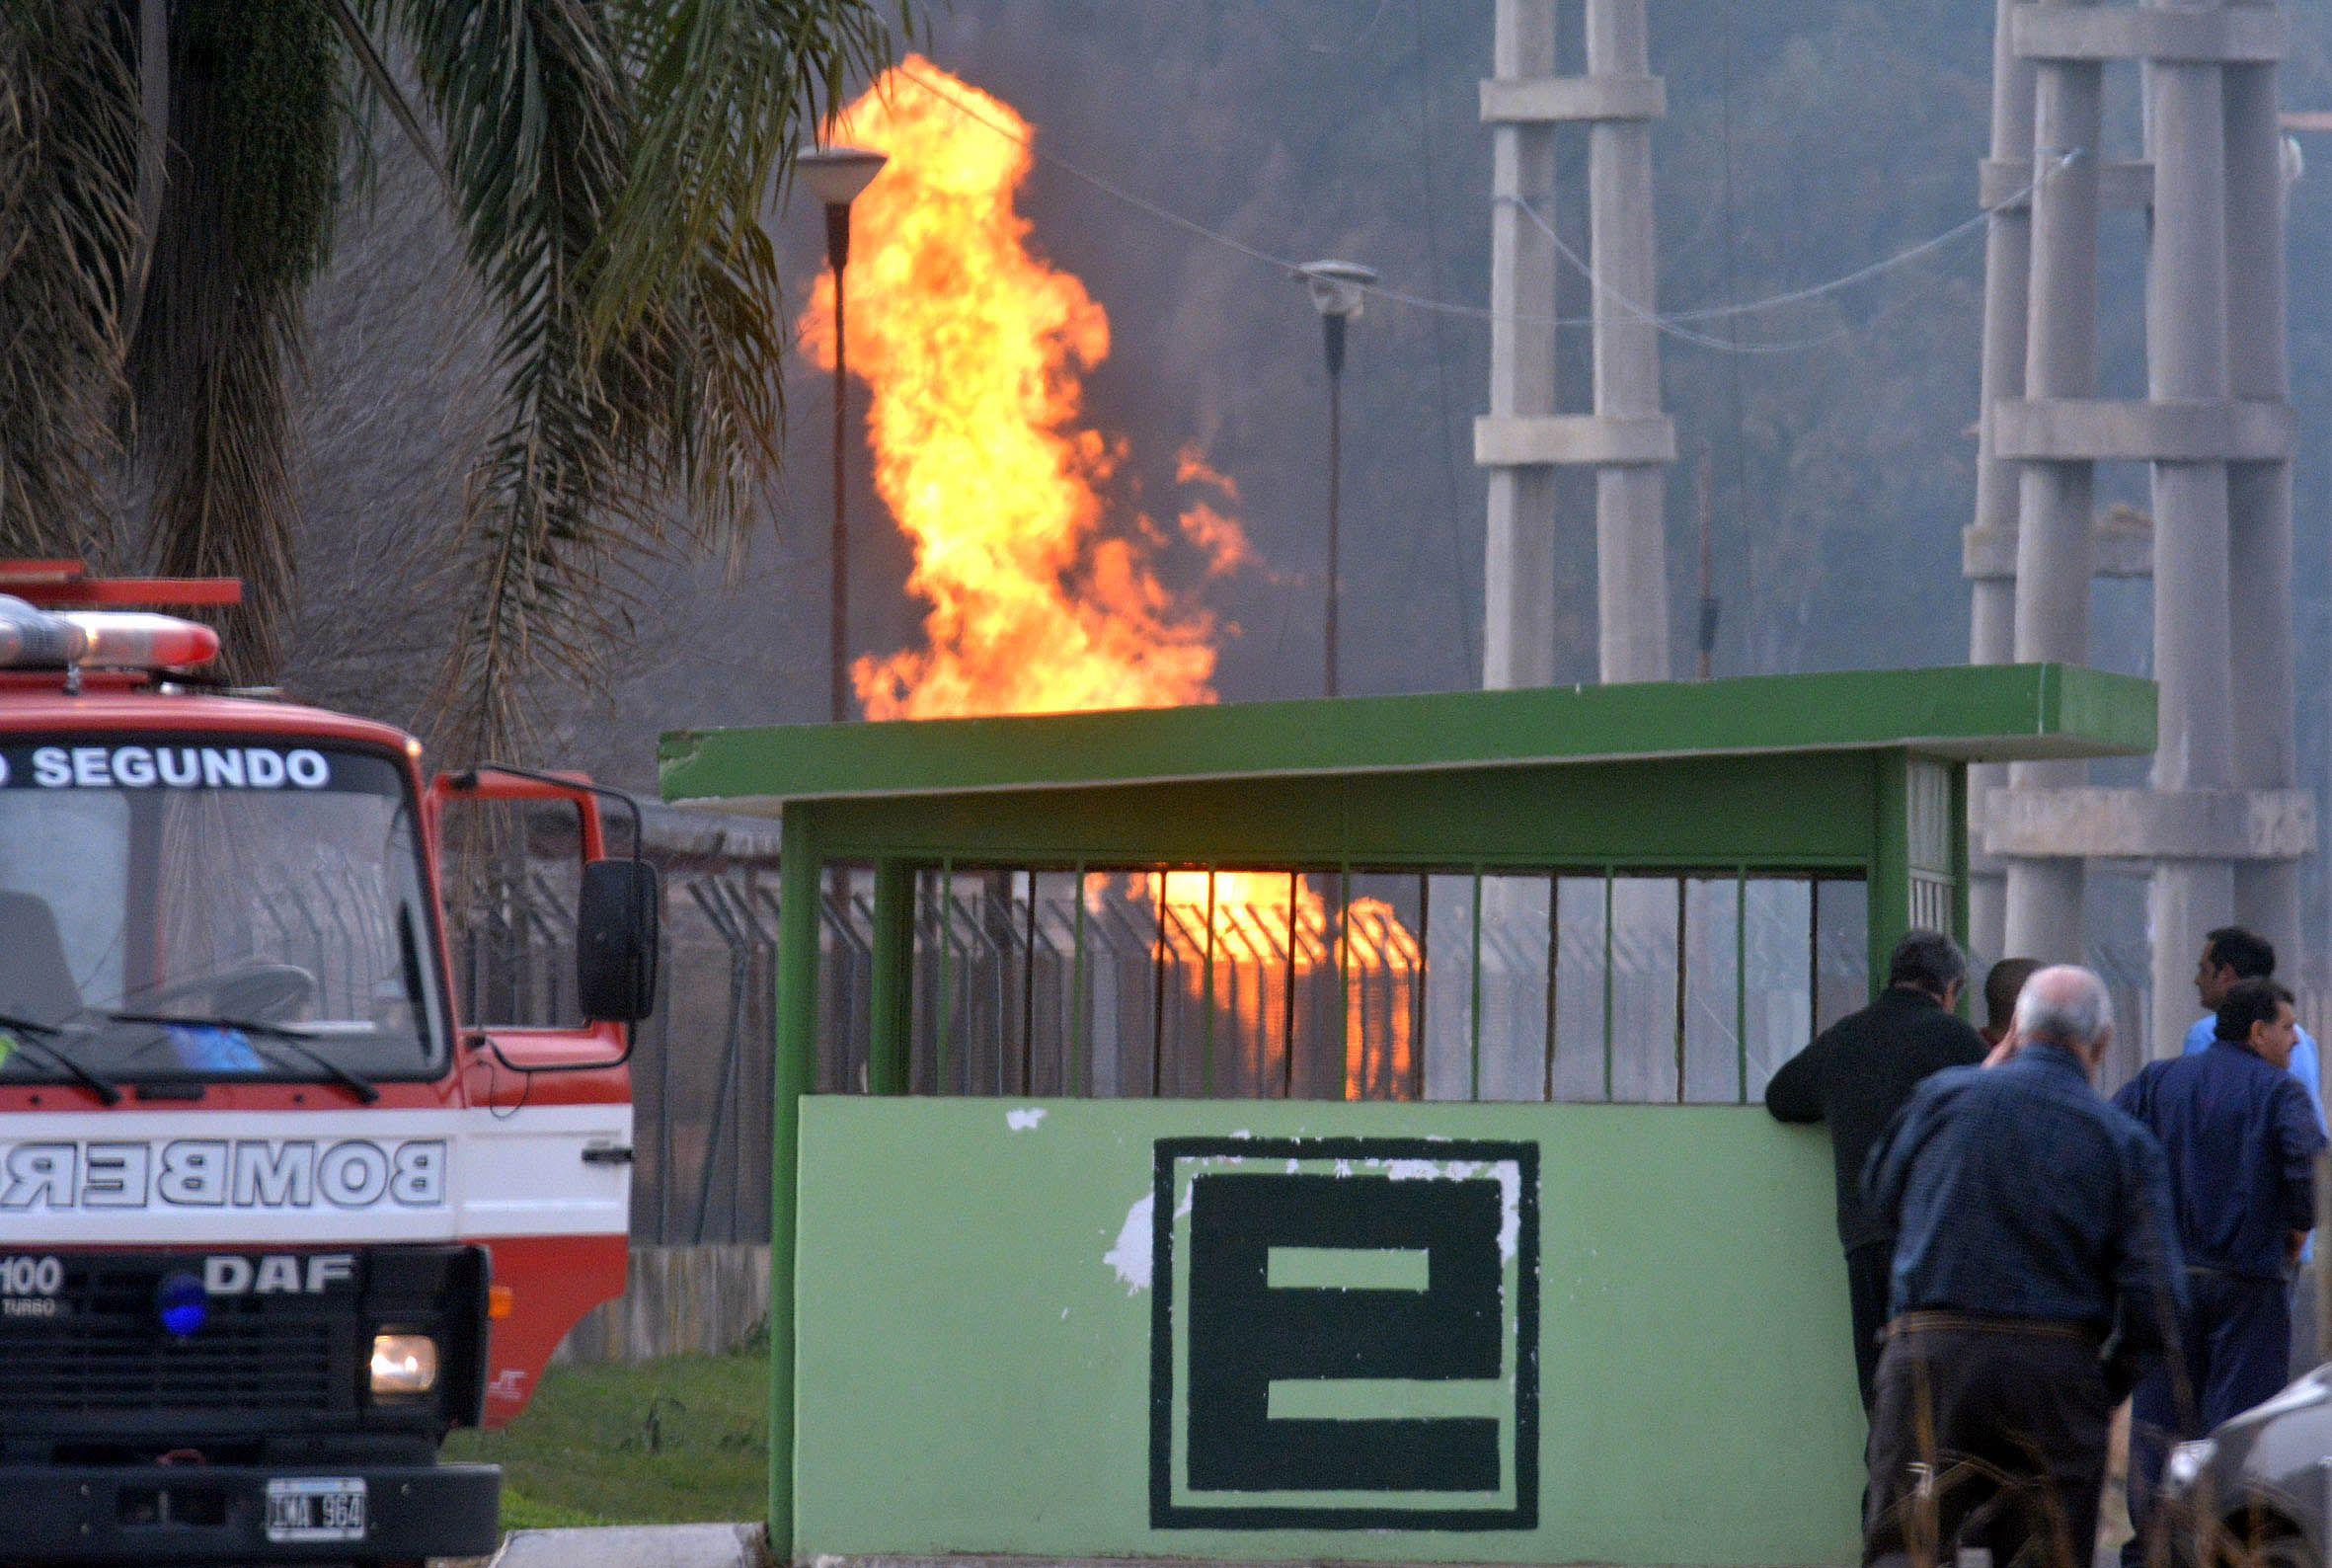 Un muerto y dos heridos es el sado de la explosión registrada hoy en la central eléctrica de Pilar